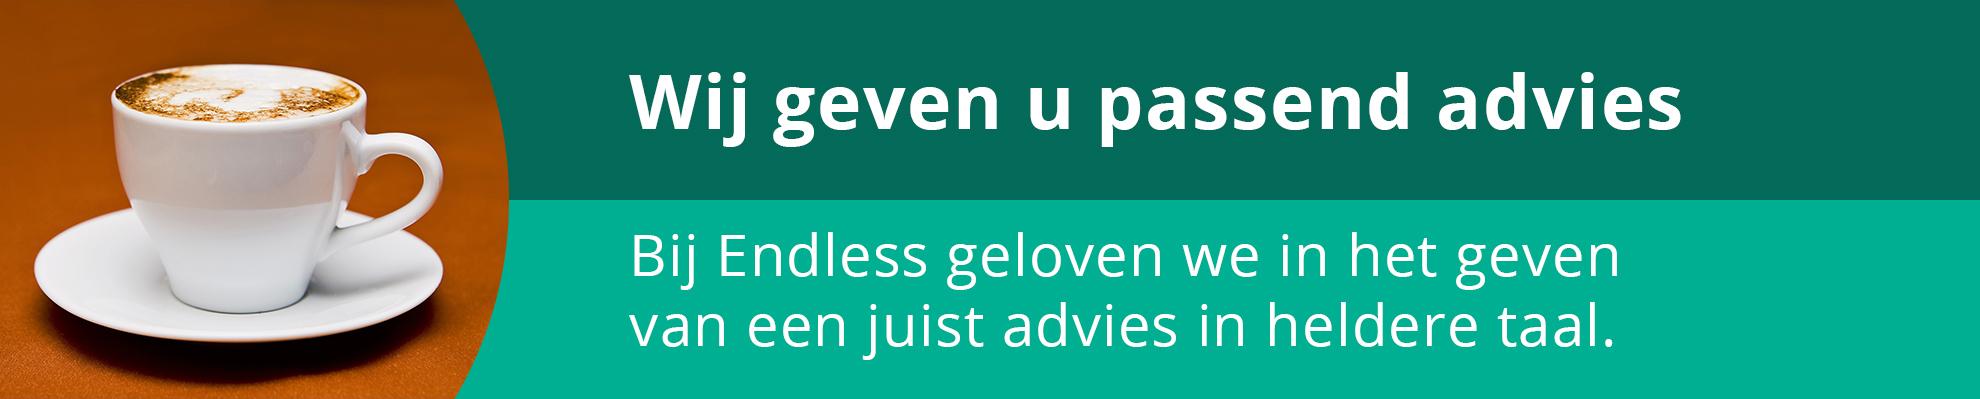 Bij endless geven wij u graag passend advies